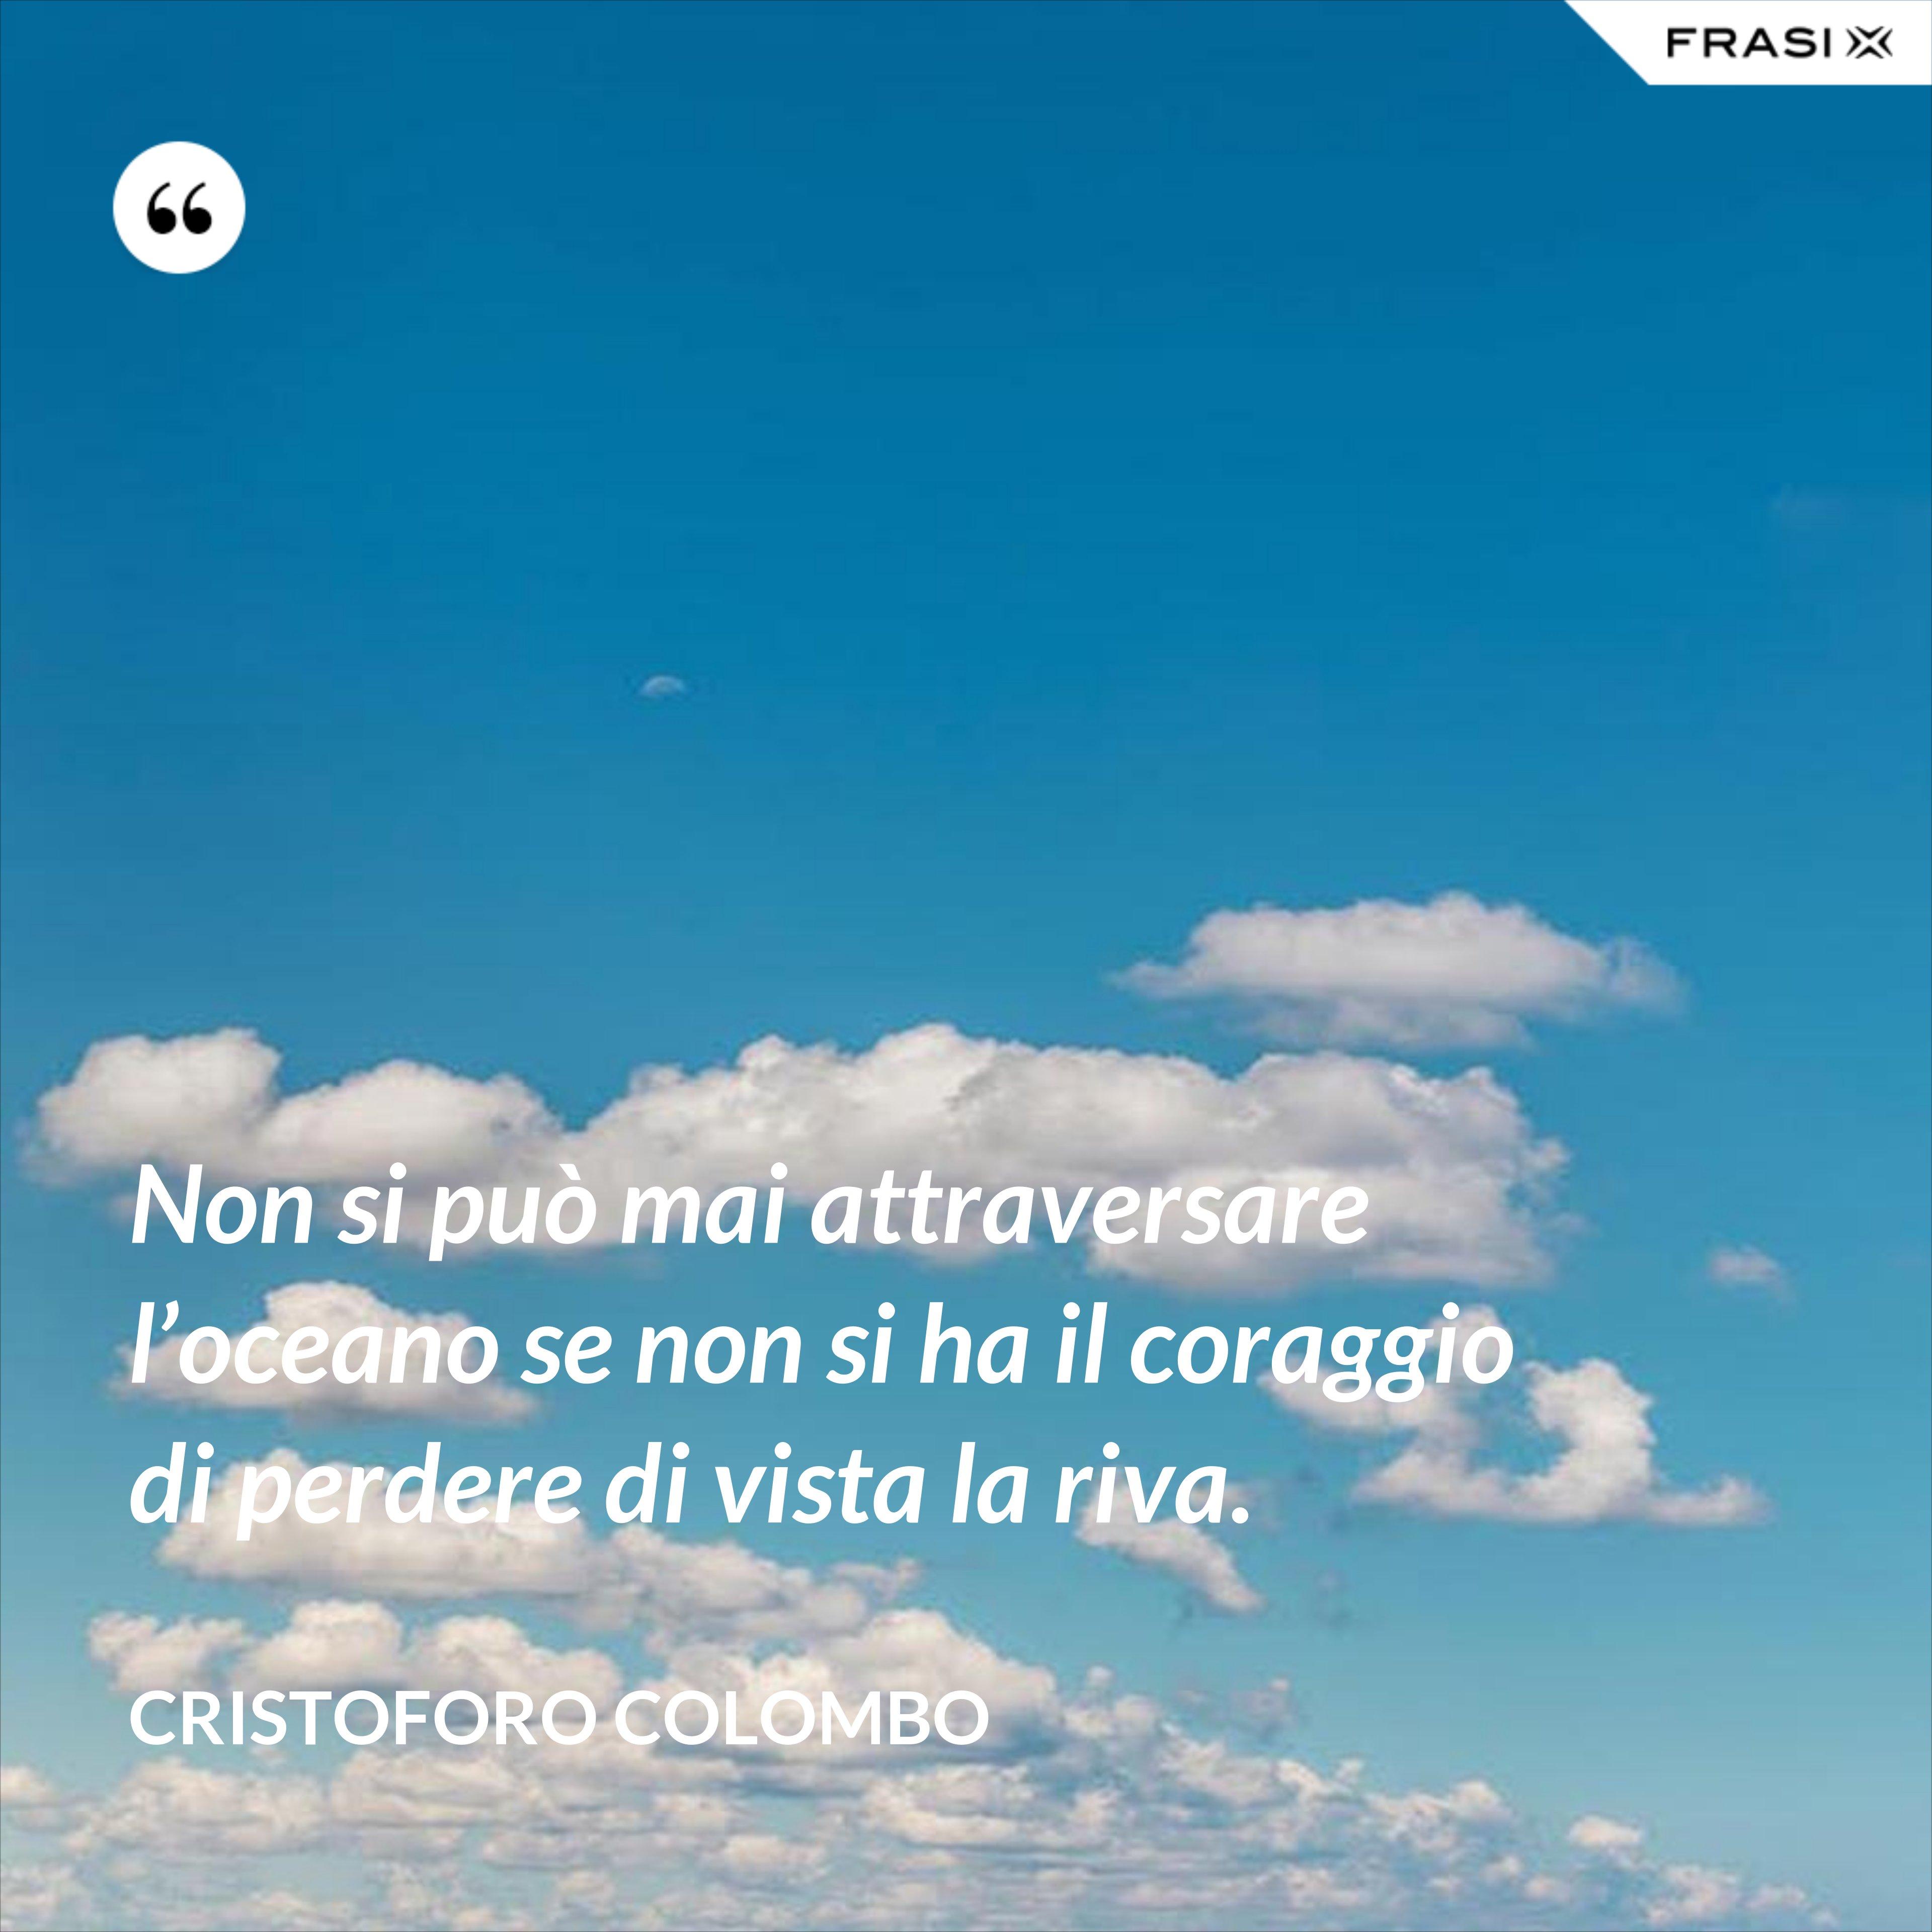 Non si può mai attraversare l'oceano se non si ha il coraggio di perdere di vista la riva. - Cristoforo Colombo